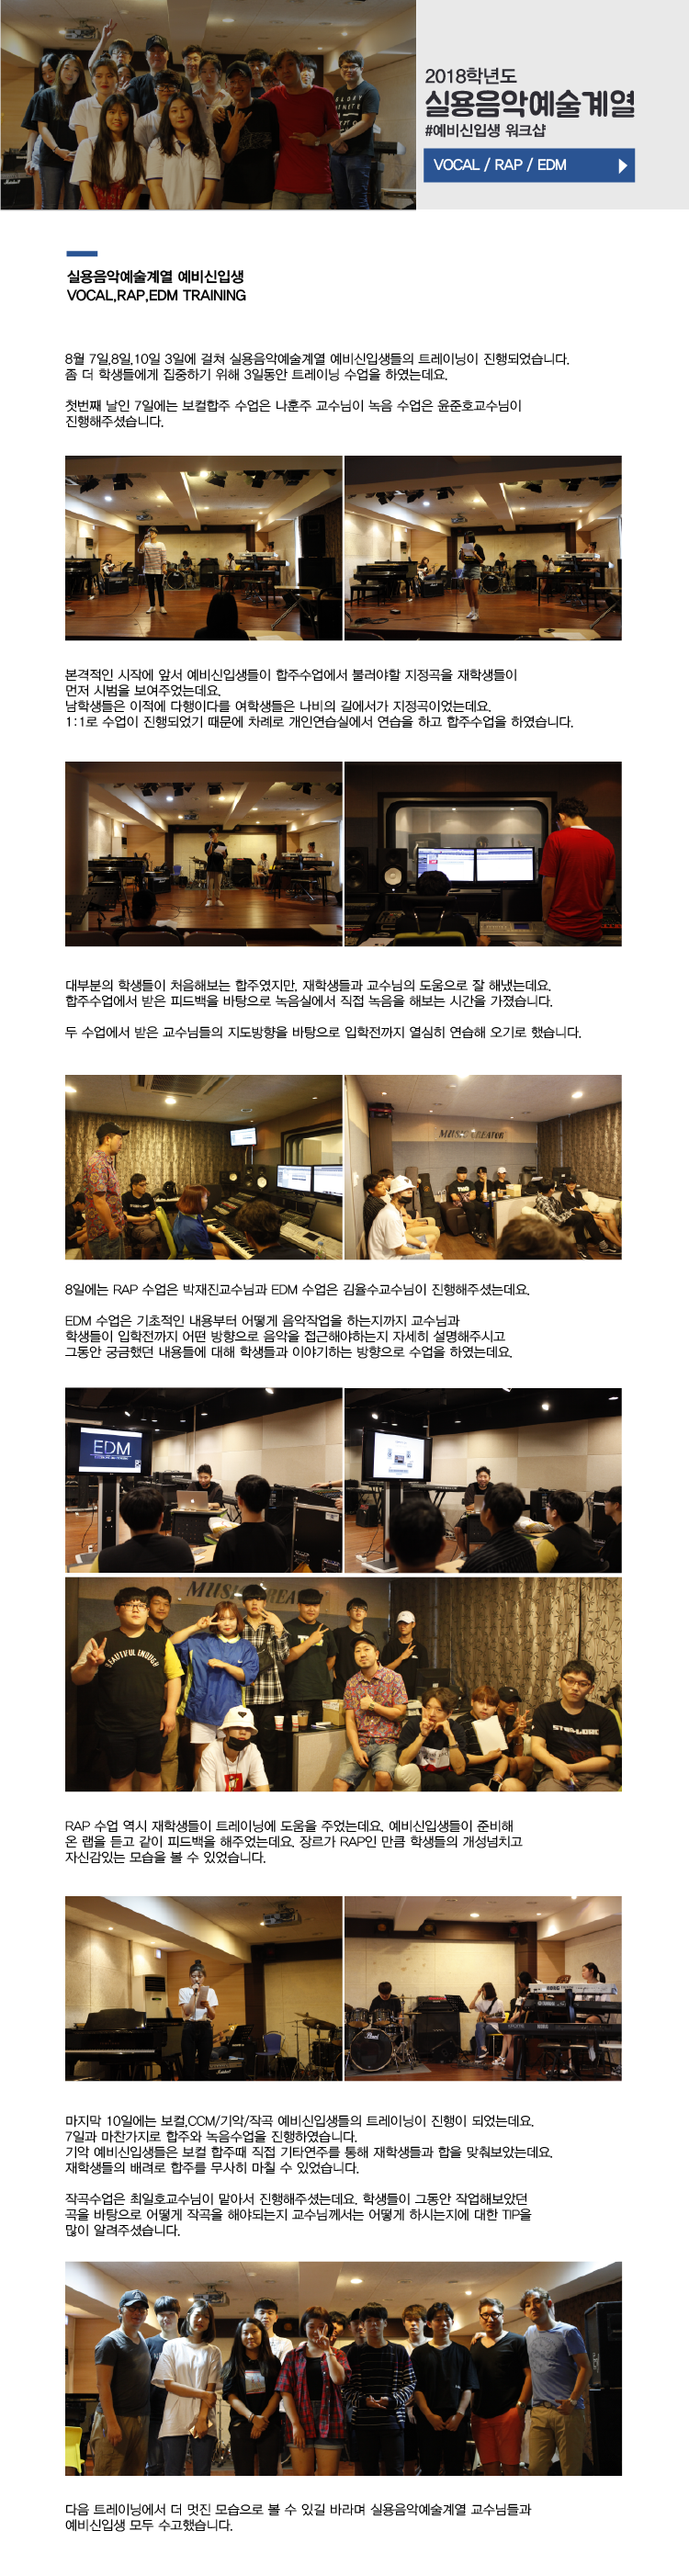 2018학년도 실용음악예술계열 예비신입생 트레이닝!